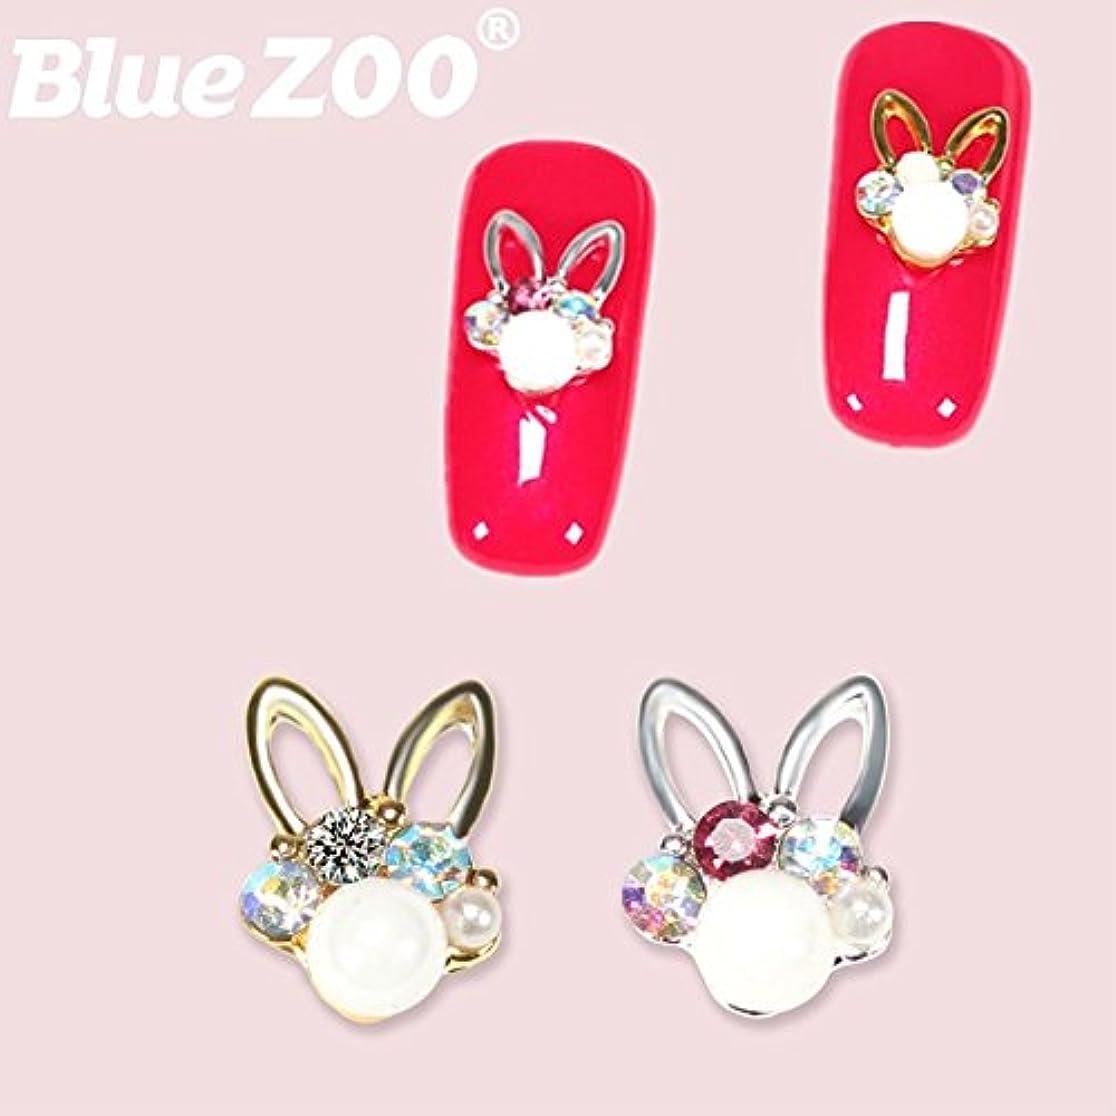 満足できる有名暴行BlueZOO (ブルーズー) キュートラビット シルバー ネイル デコレーション 10個入り 合金ウサギ ラインストーン スタッズ ジェルネイルアートアクセサリー